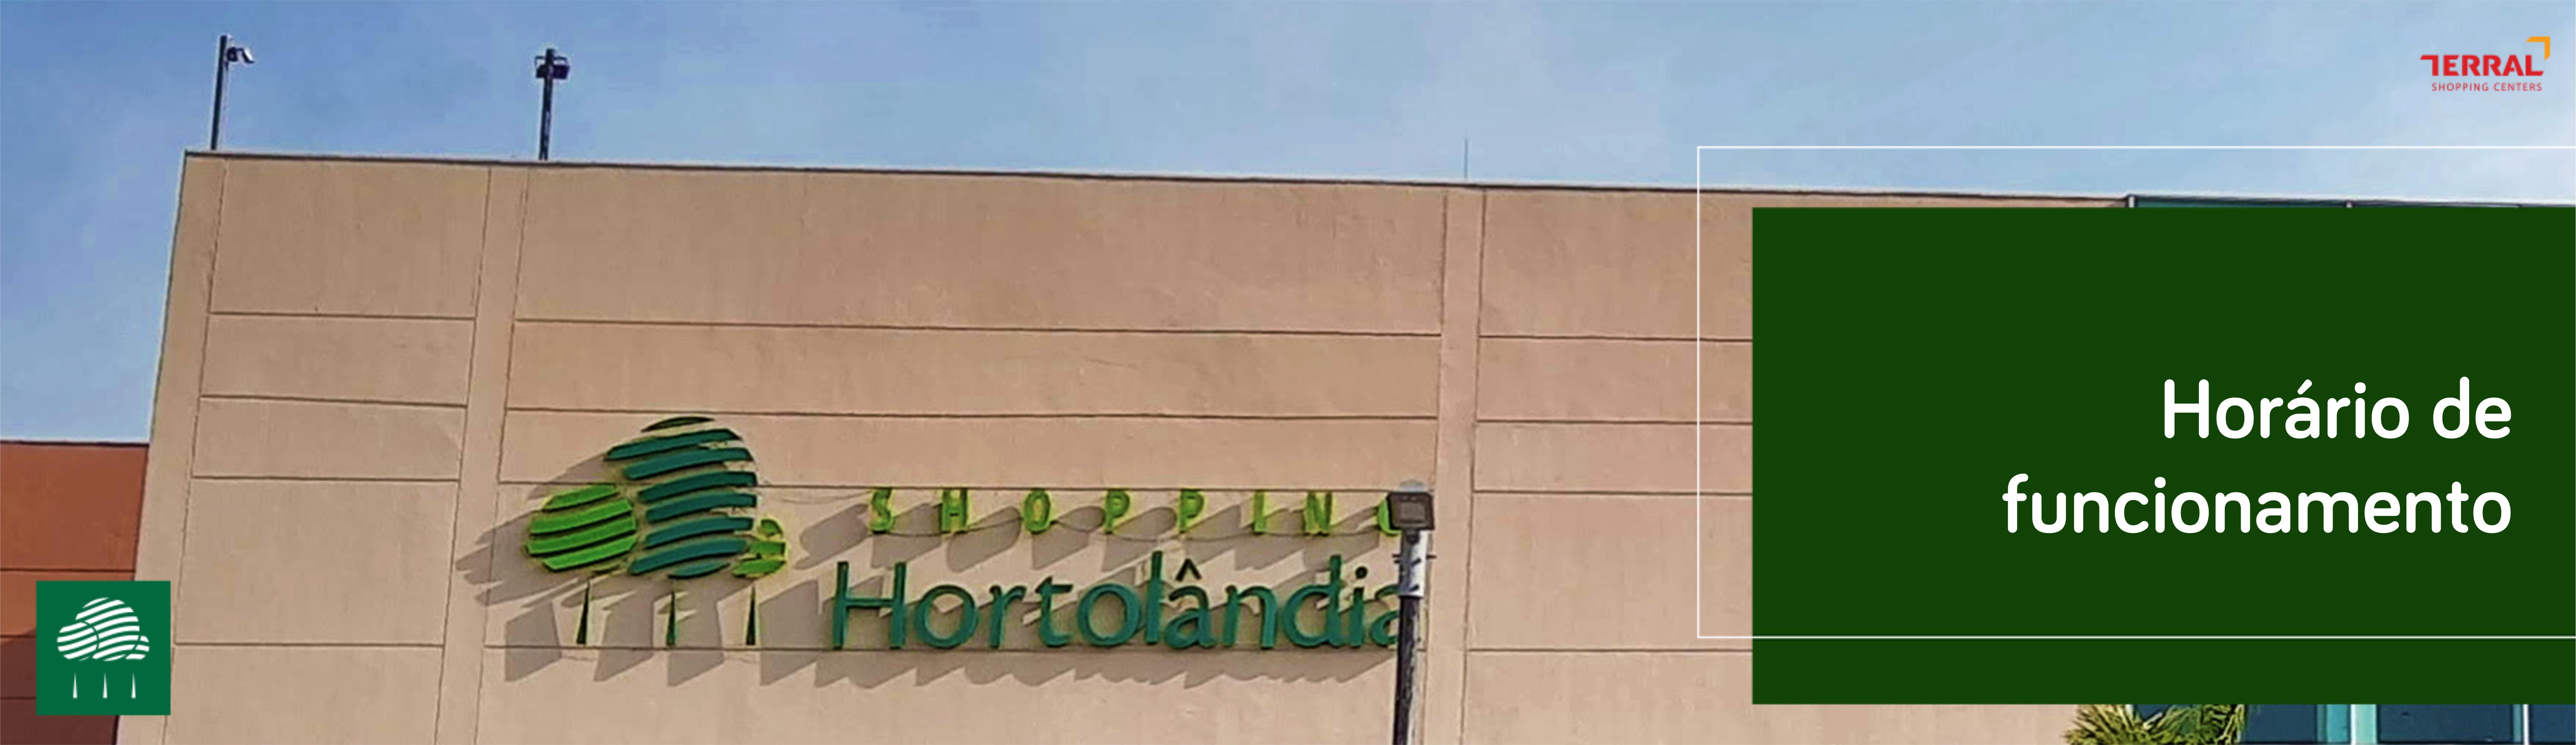 Horário de funcionamento Shopping Hortolândia